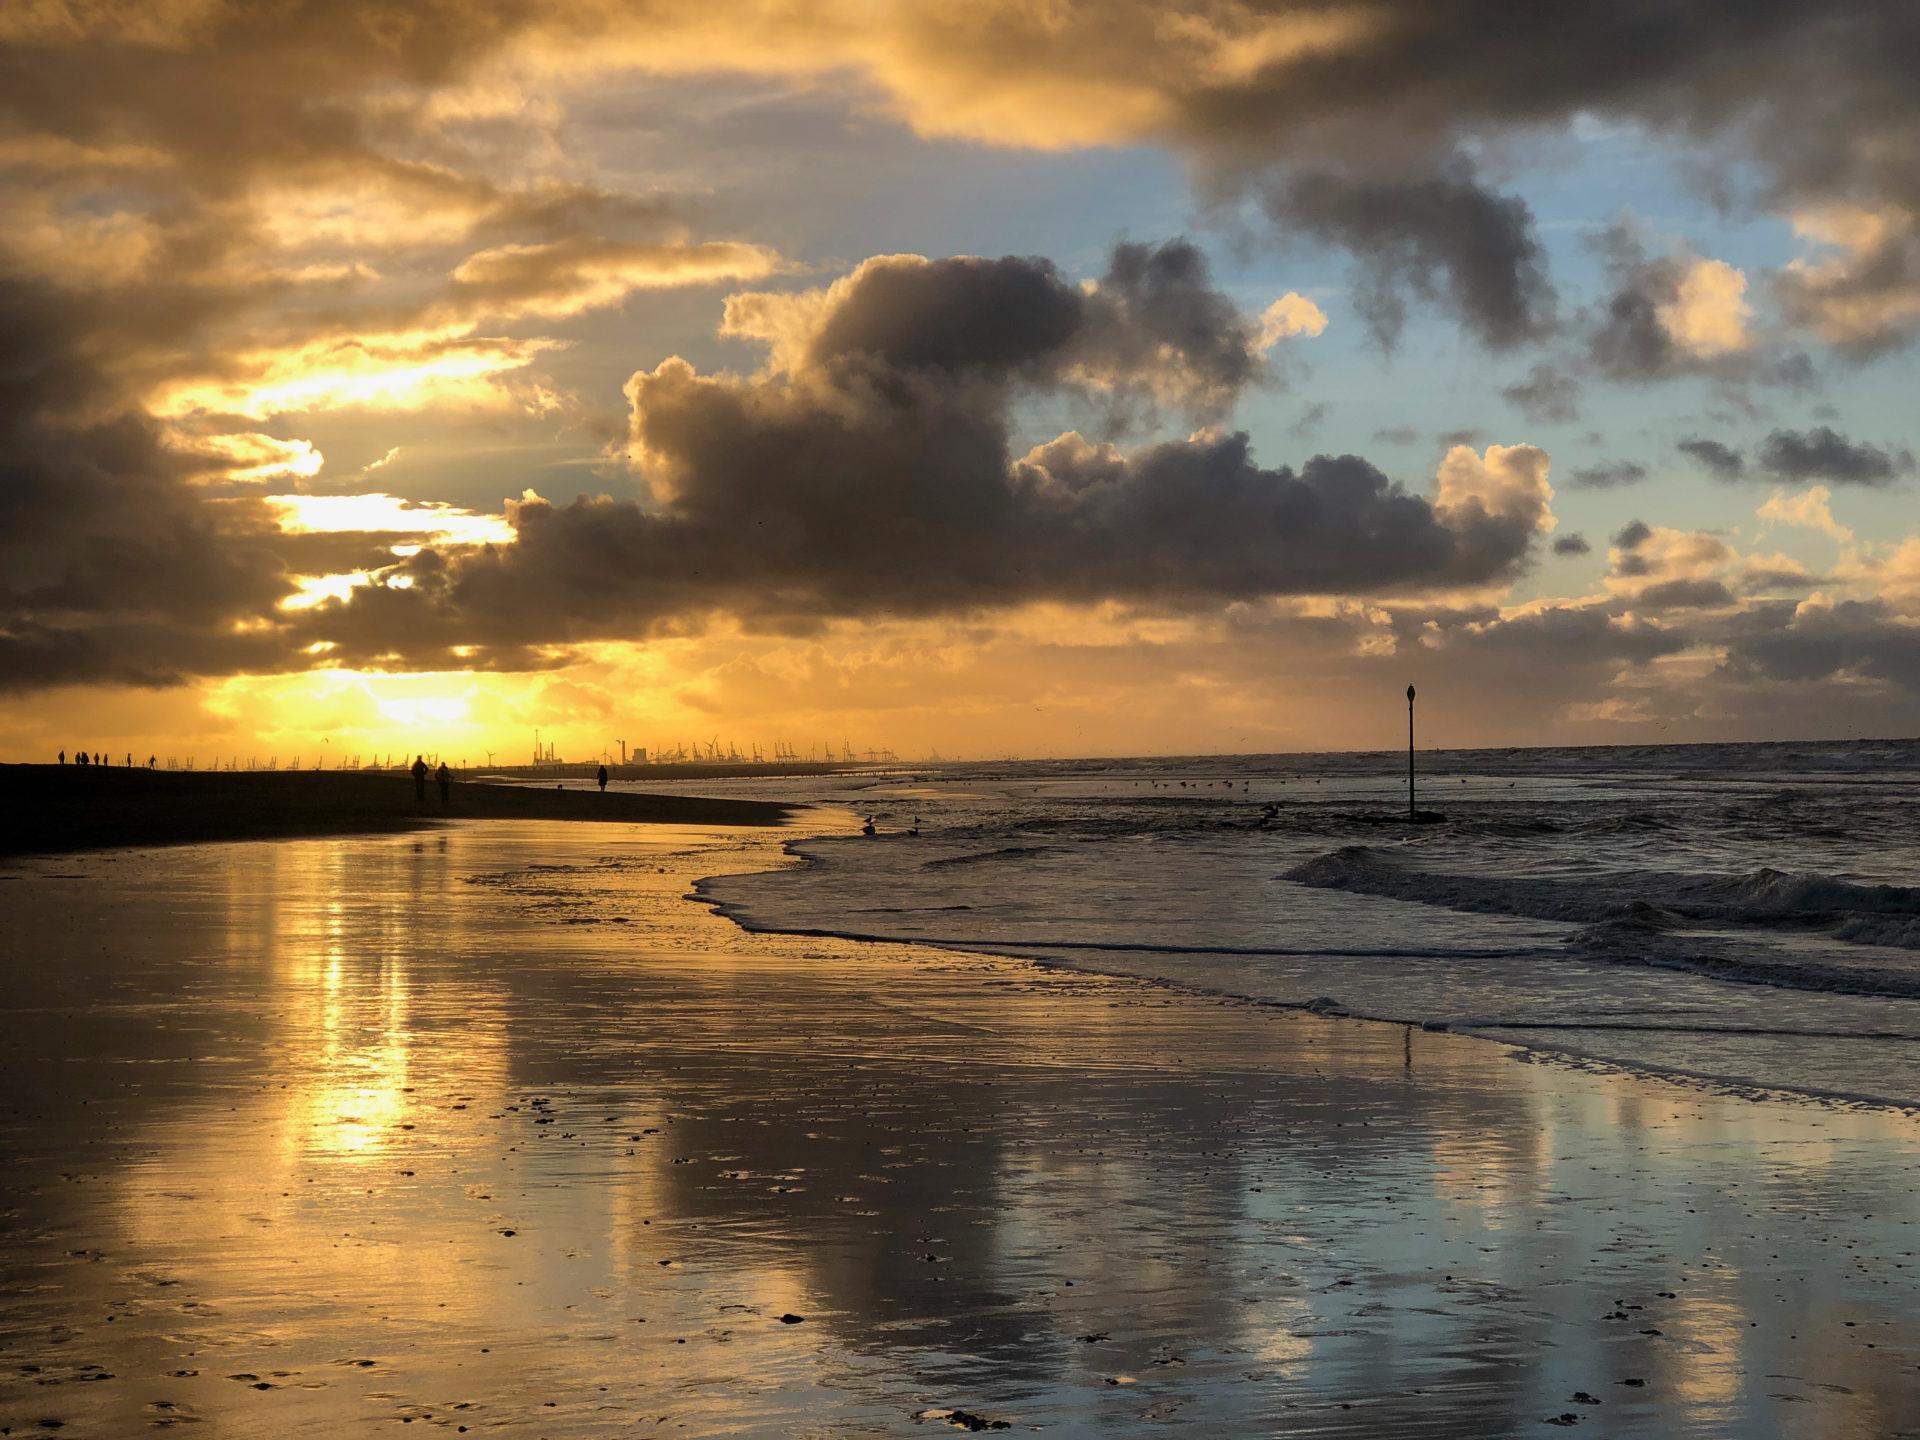 Blick vom Stadtteil Kijkduin in Den Haag nach Süden während des Sonnenuntergangs